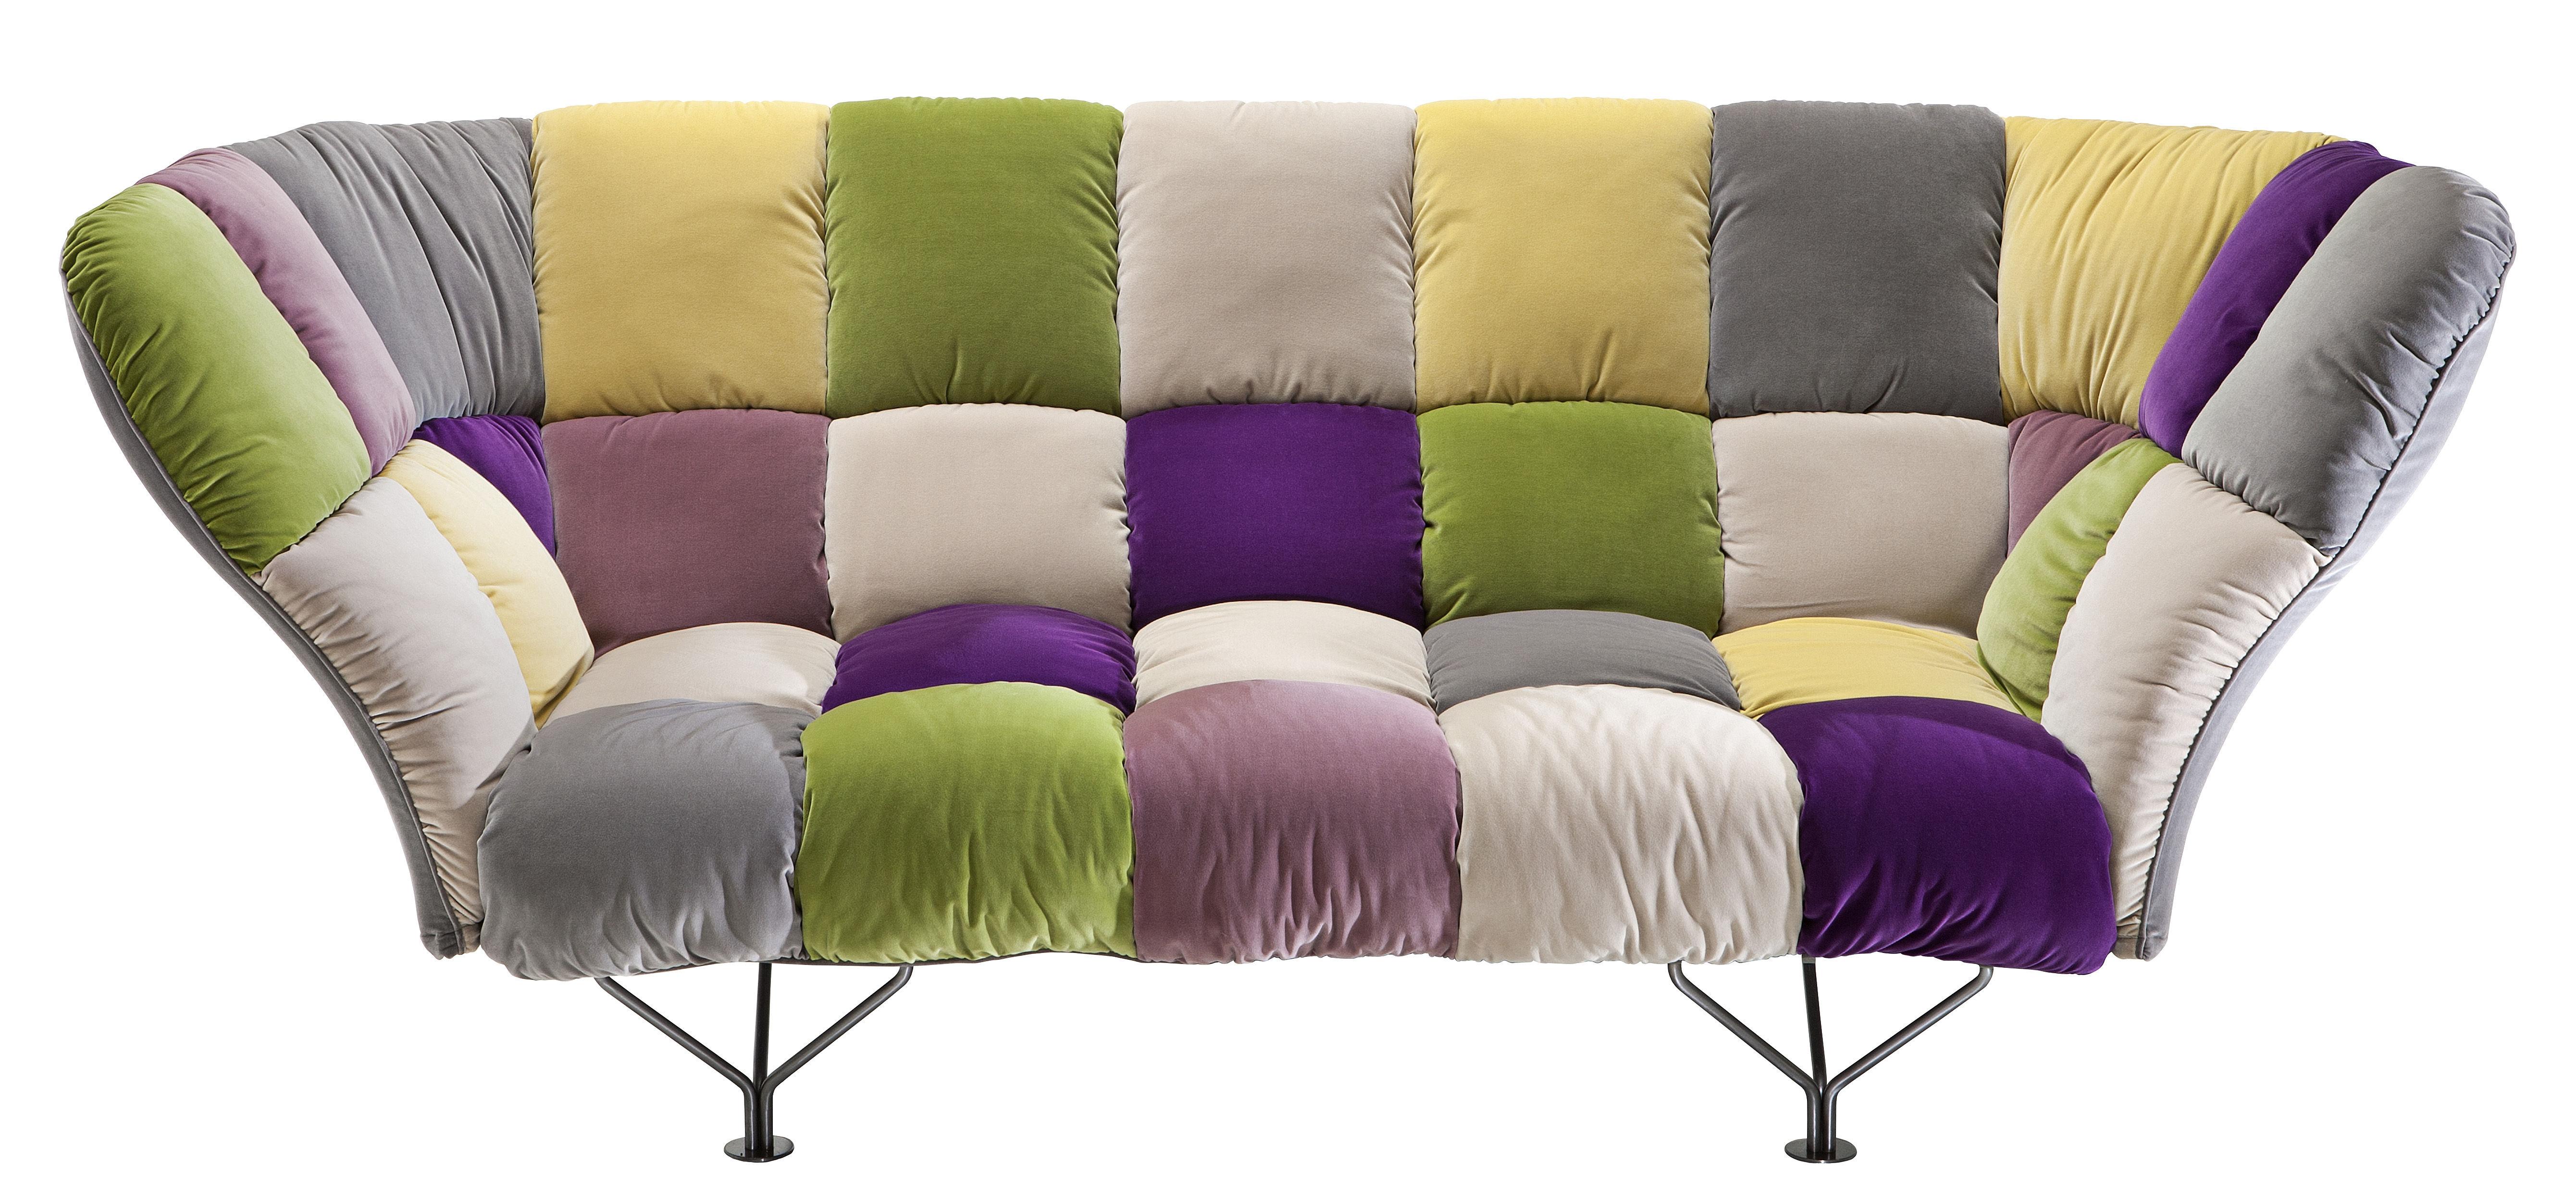 Scopri sof 32 cuscini 3 posti l 255 cm multicolore di driade made in design italia - Cuscini divano design ...